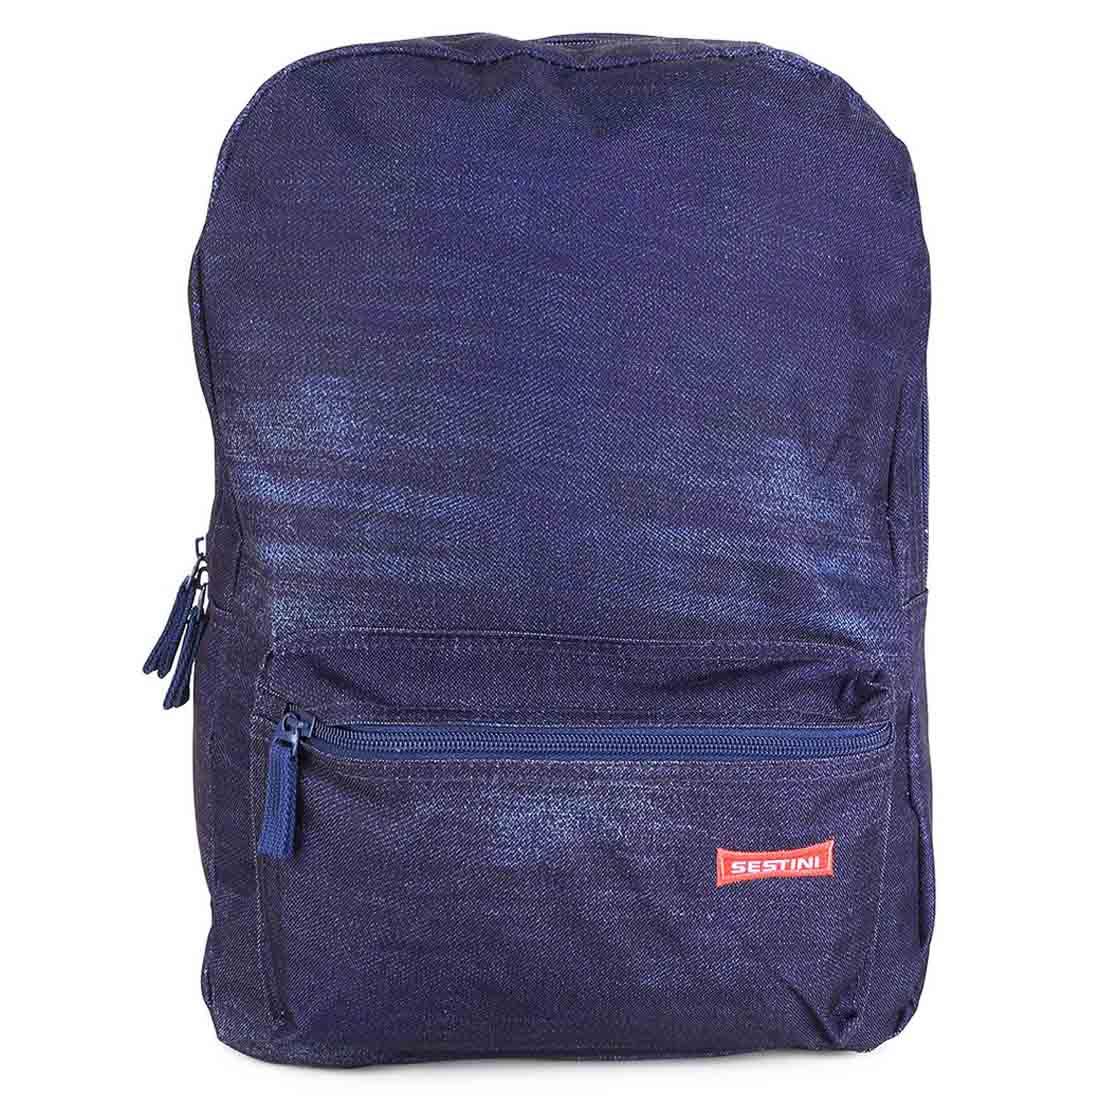 Mochila Sestini Escolar Grande Azul Jeans